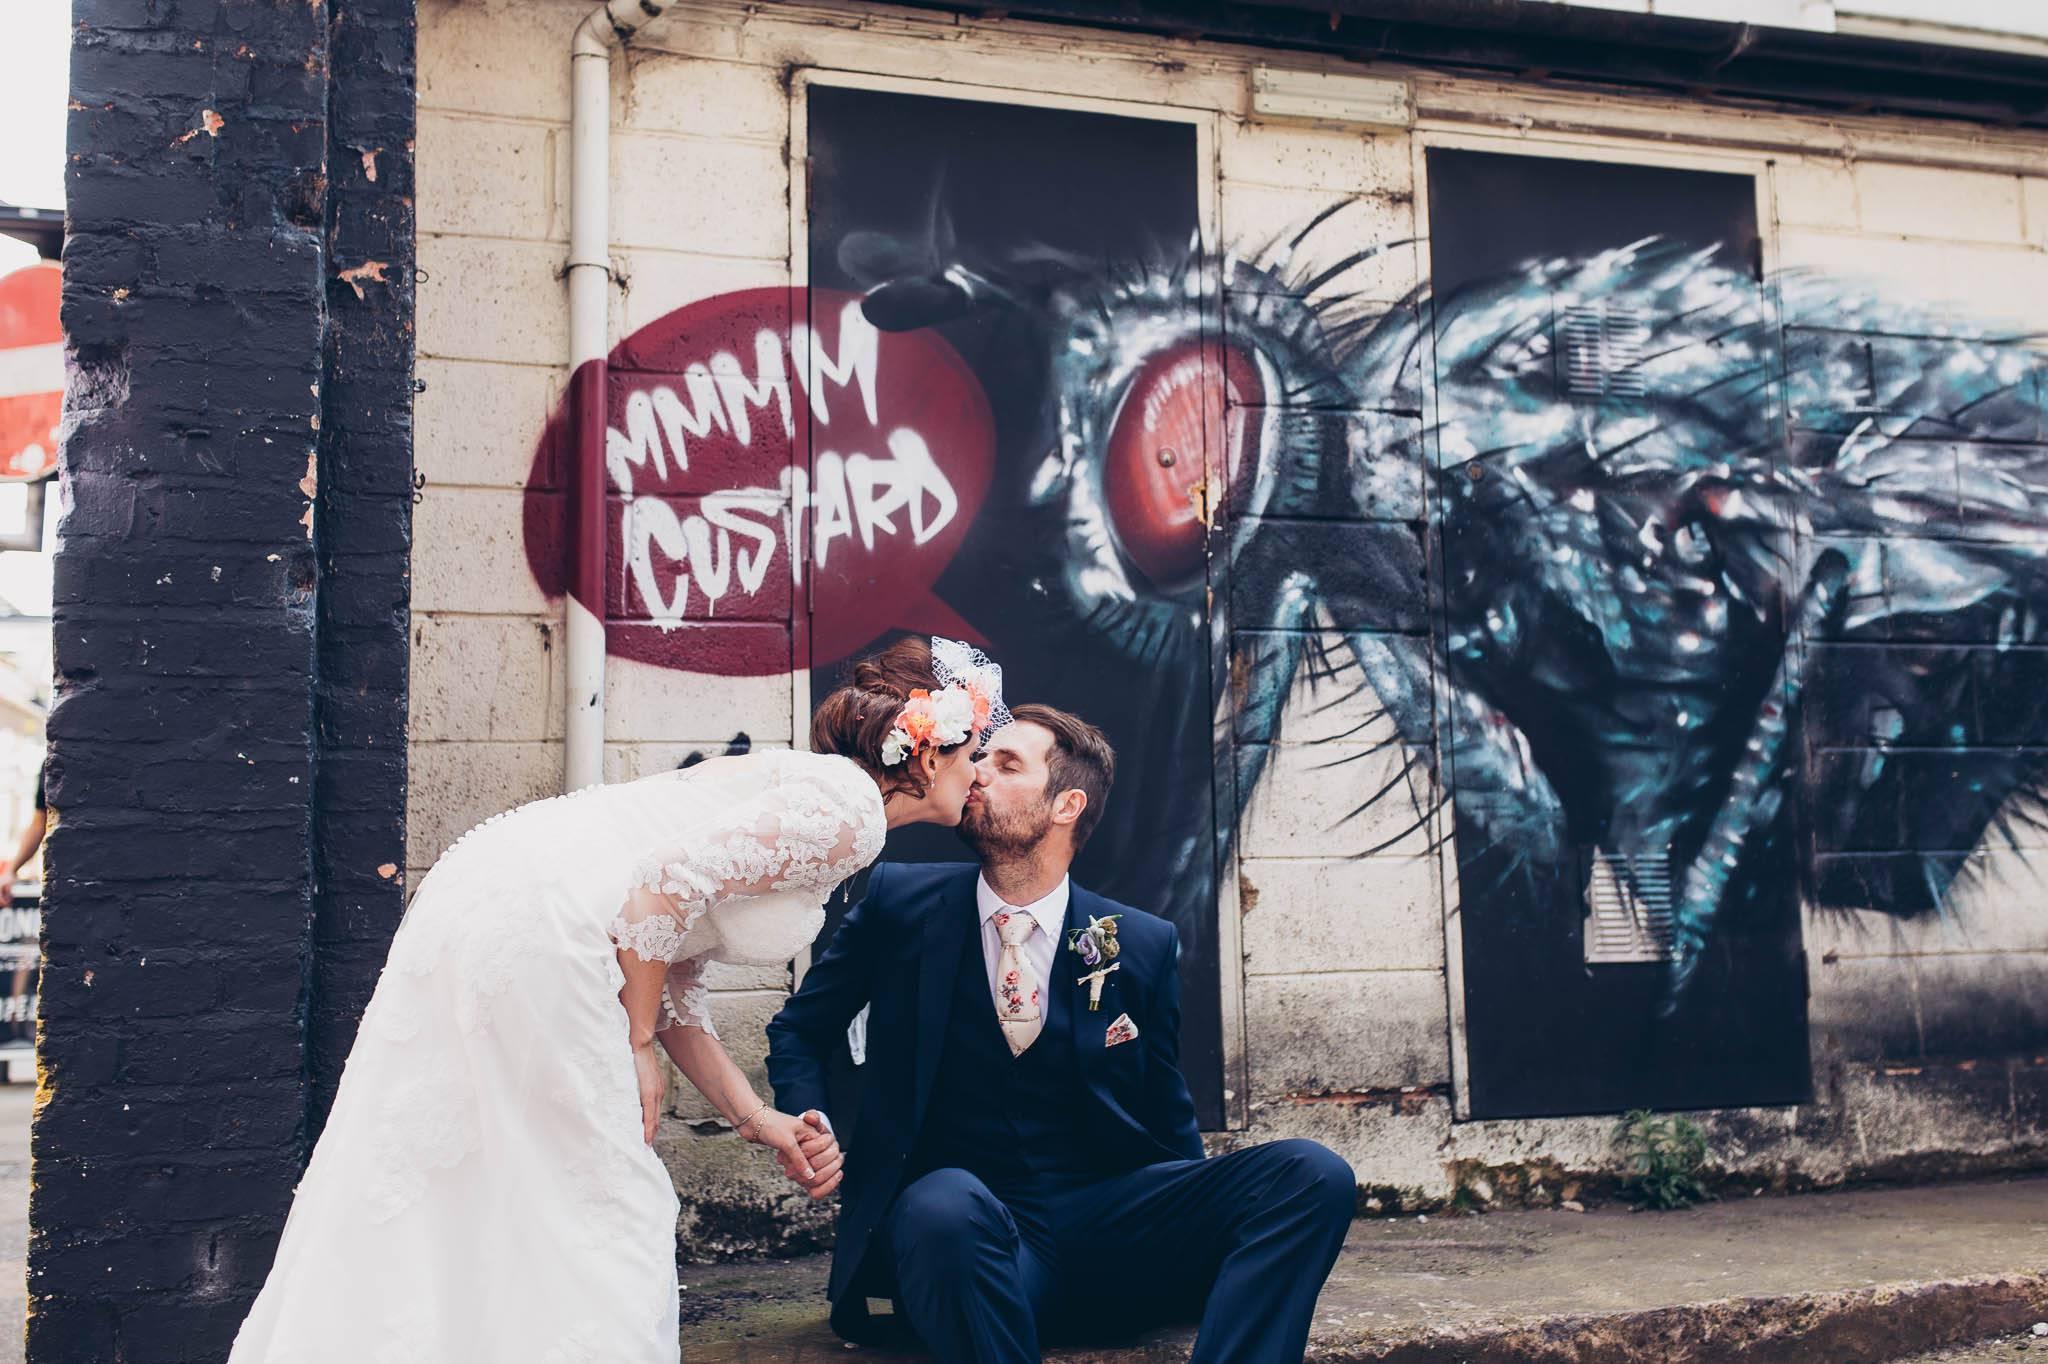 birmingham-wedding-photographer 17.jpg